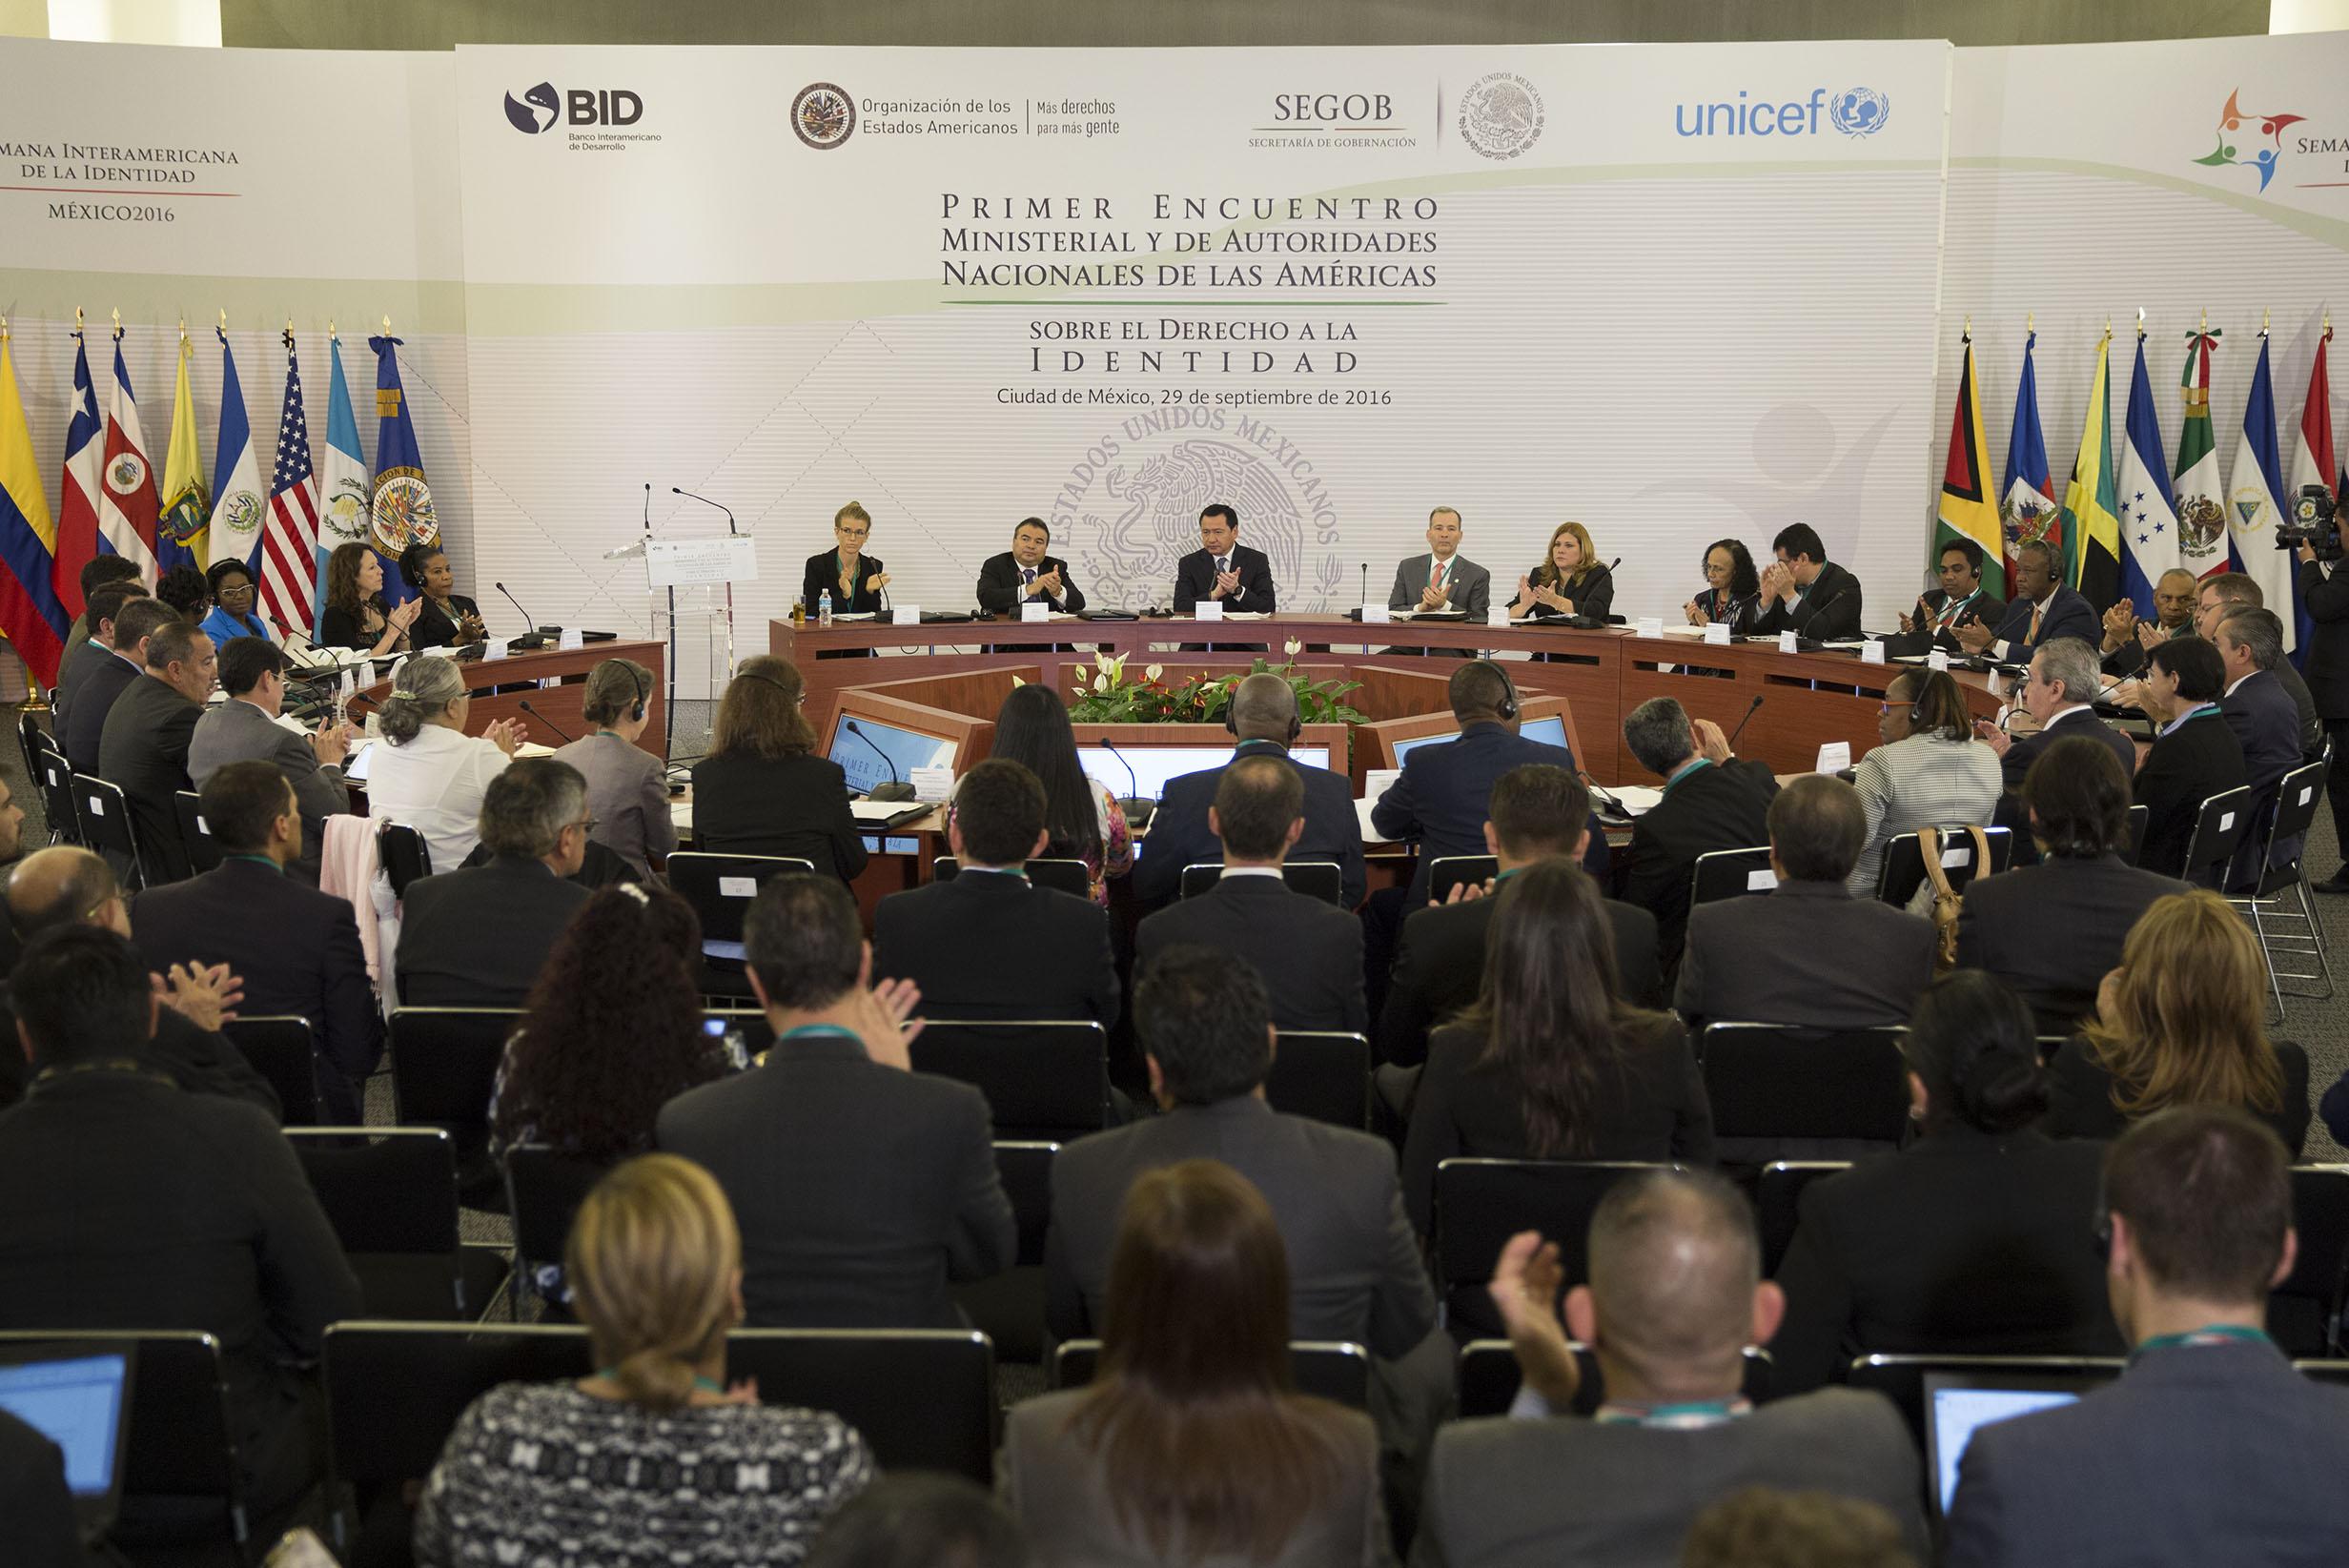 Participación del Secretario de Gobernación, Miguel Ángel Osorio Chong, en el Primer Encuentro Ministerial y de Autoridades Nacionales de las Américas sobre el derecho a la Identidad